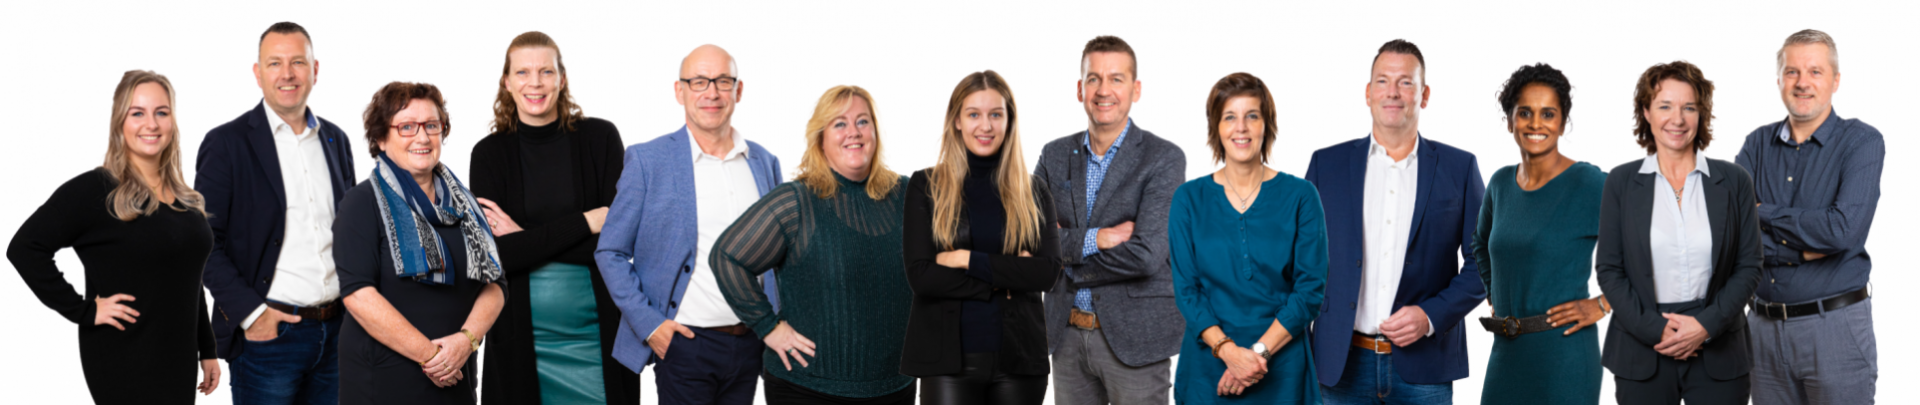 Bongers & Lemmers Team Groesbeek